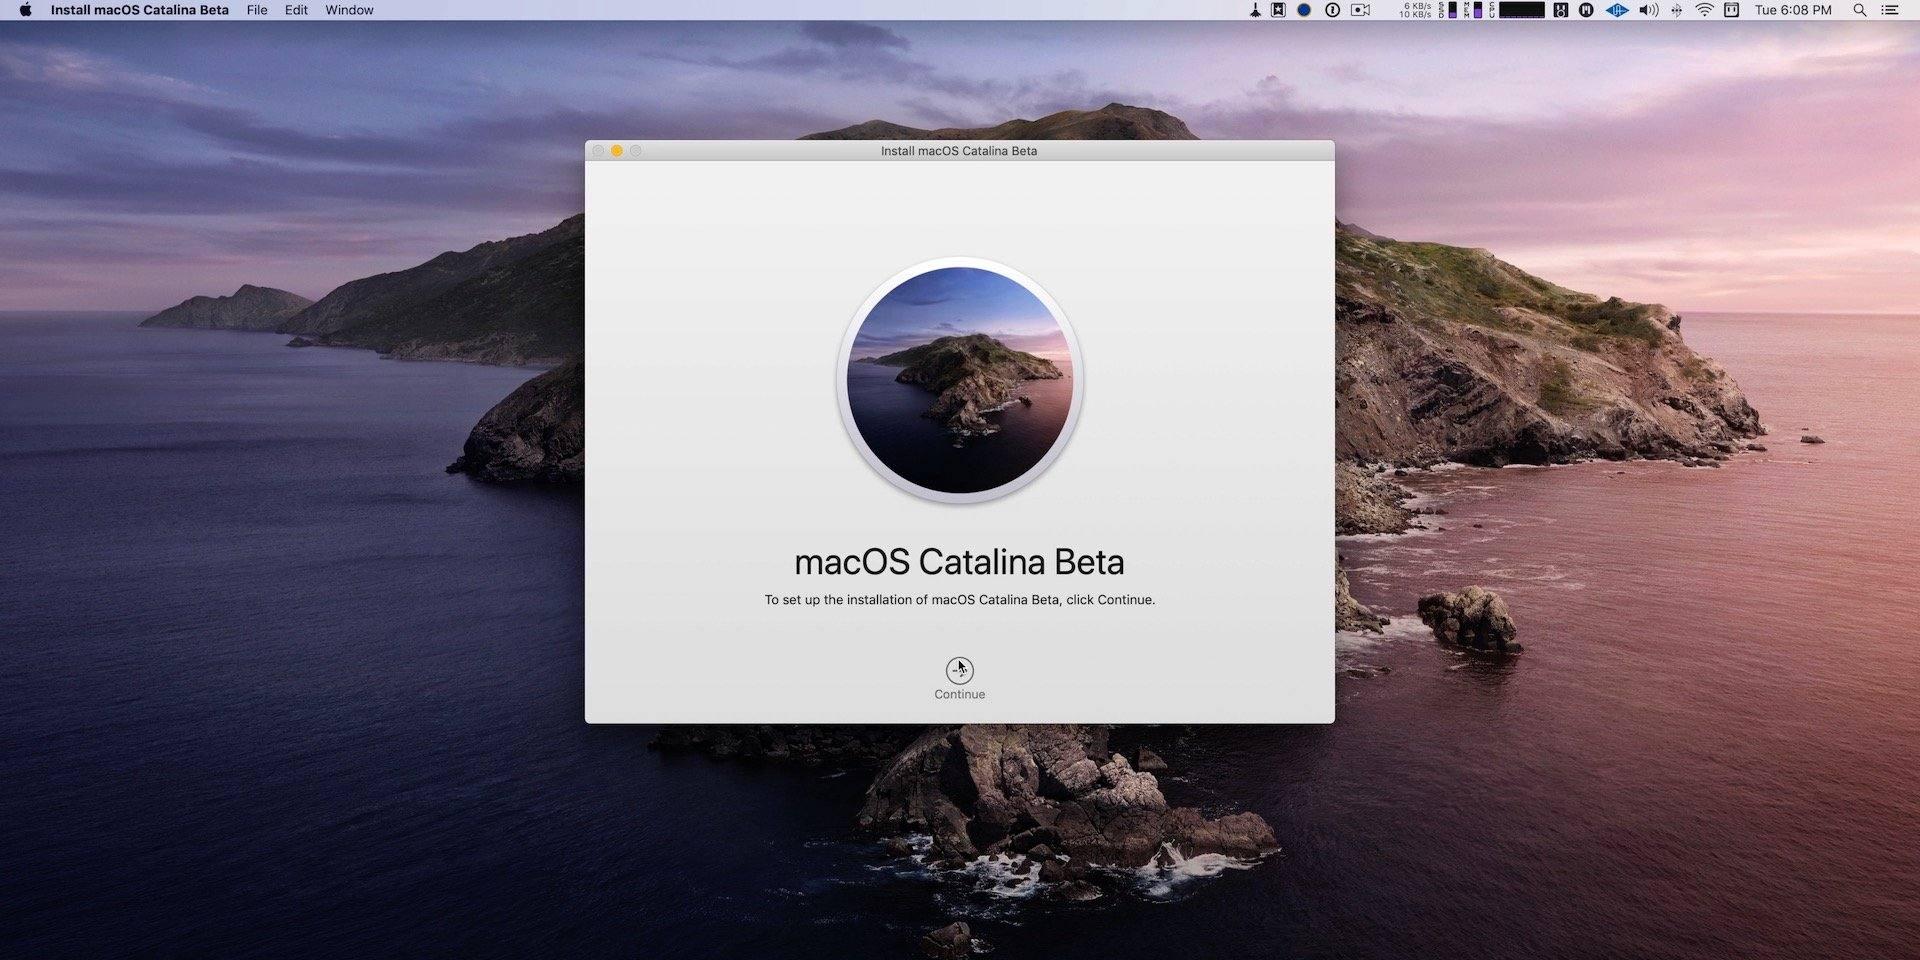 macOS-Catalina-beta-installer